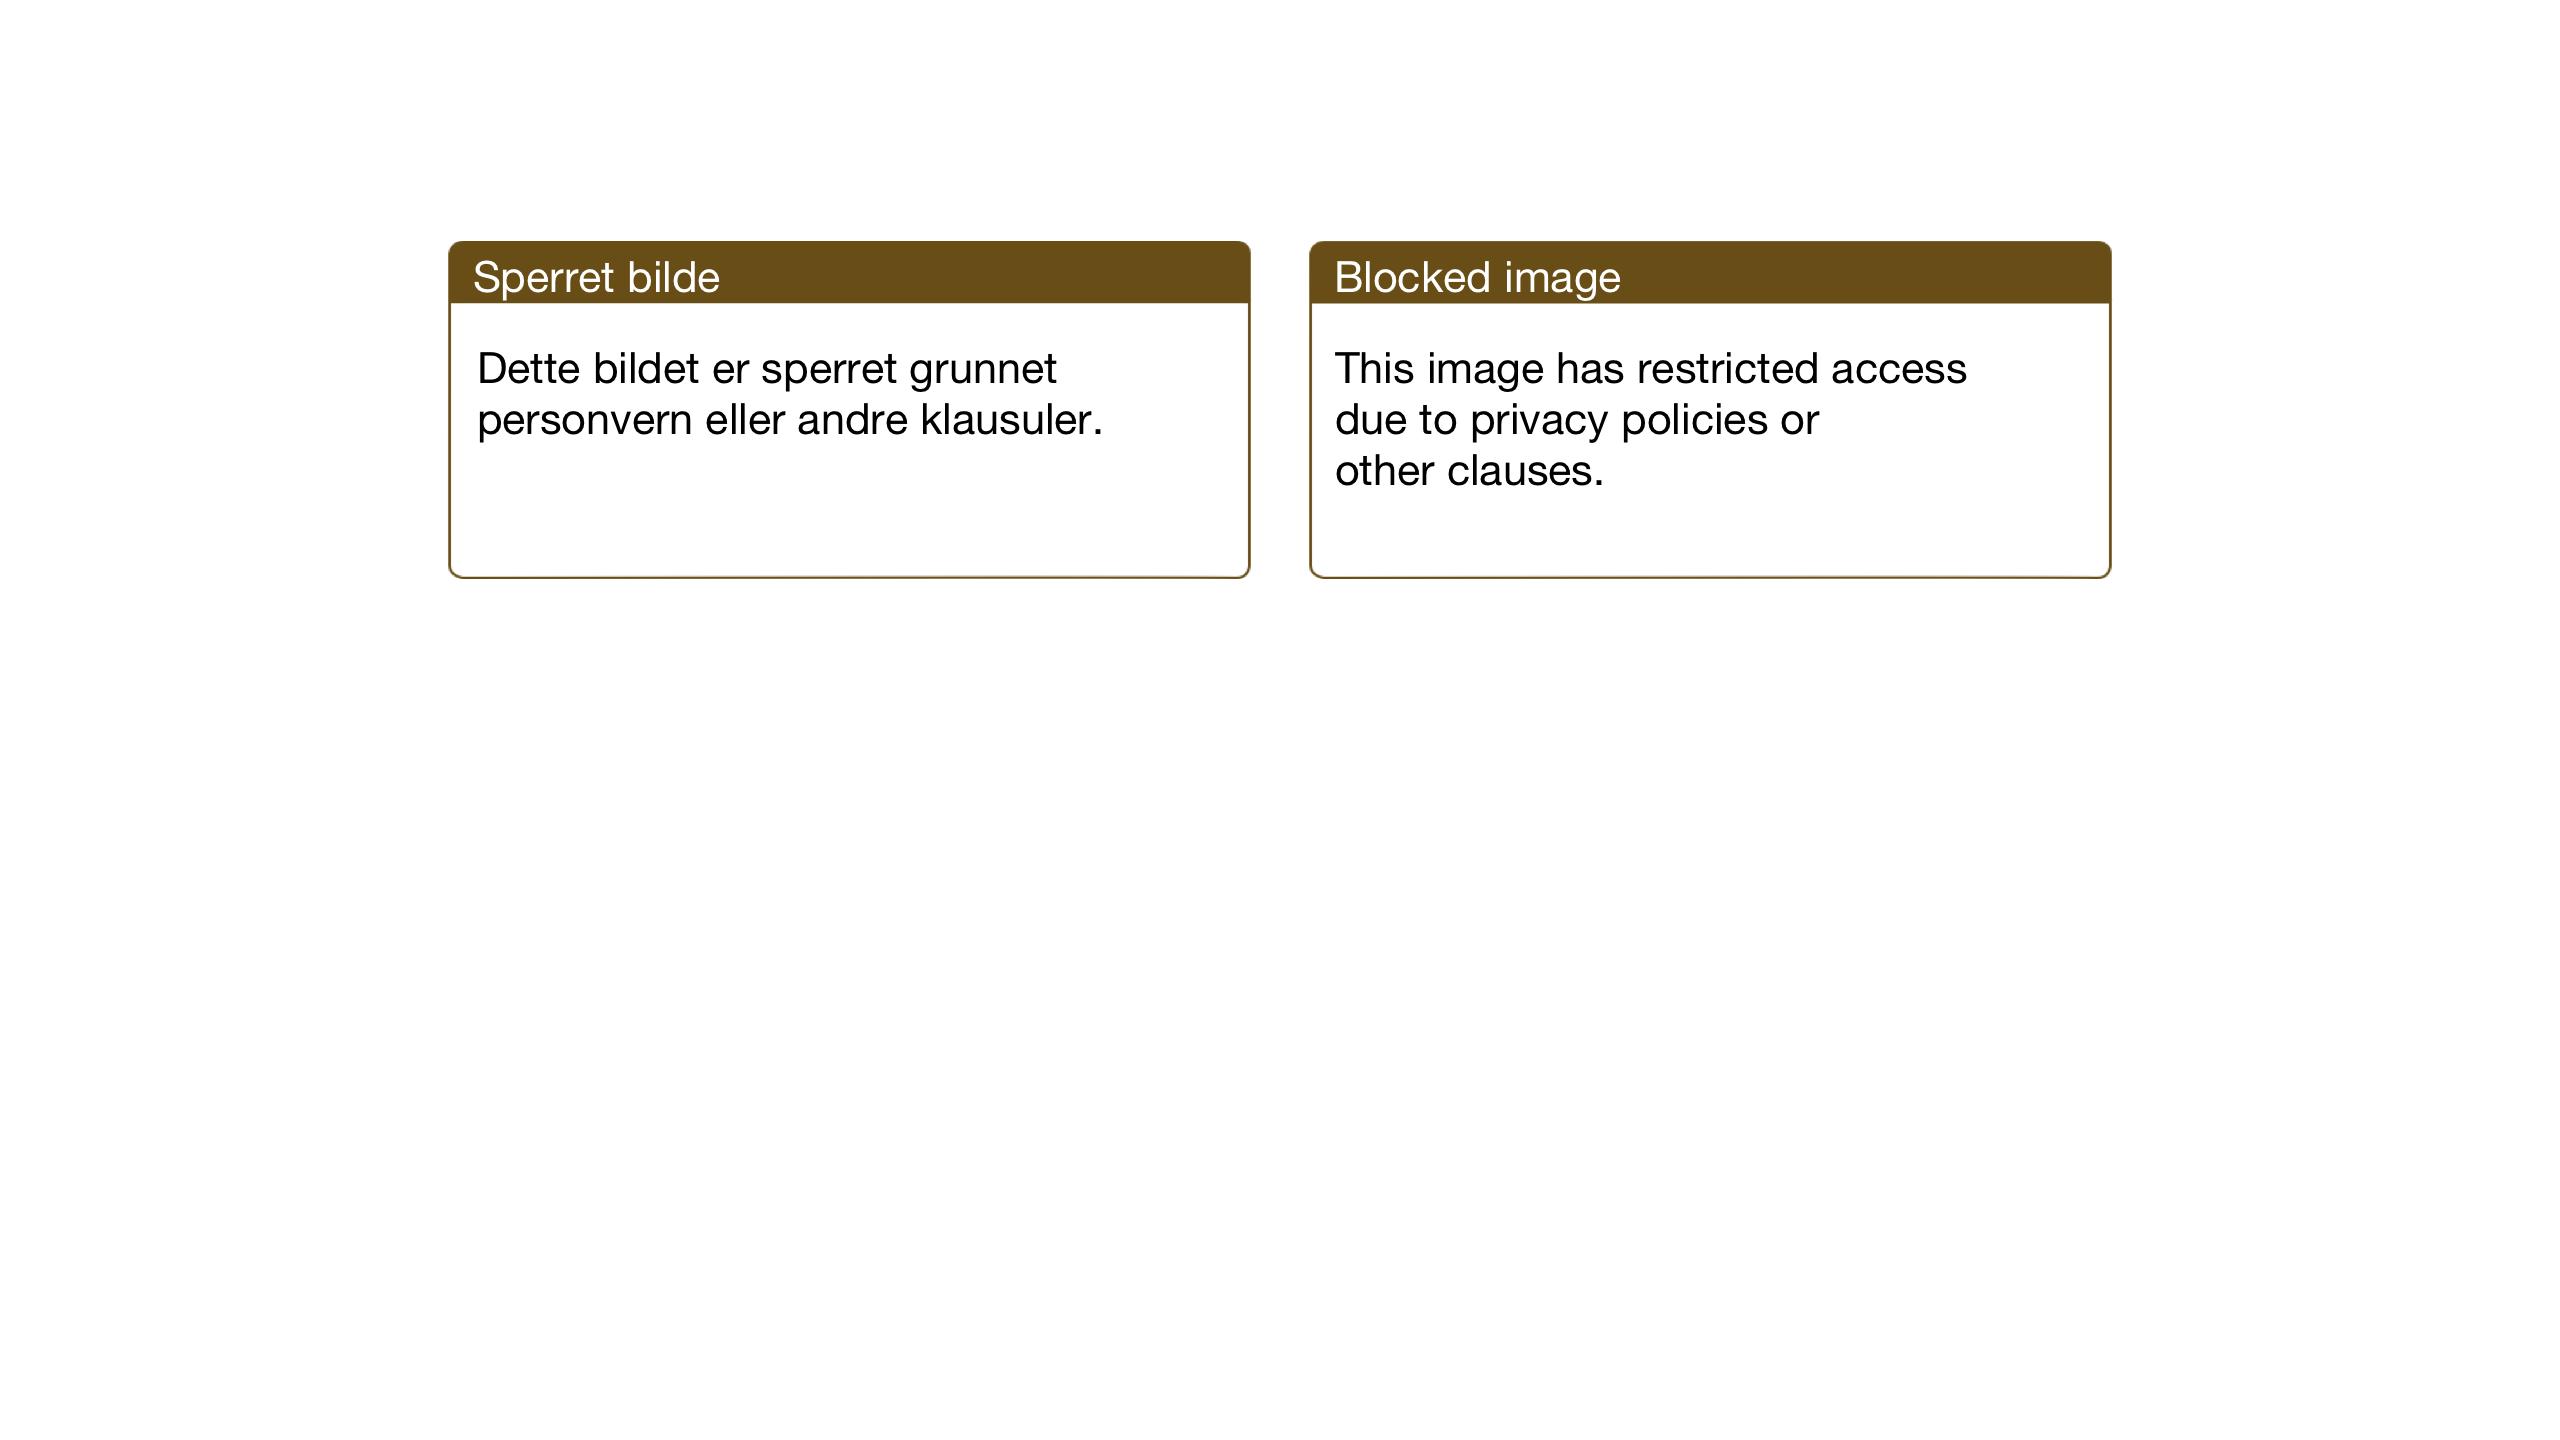 SAT, Ministerialprotokoller, klokkerbøker og fødselsregistre - Sør-Trøndelag, 607/L0328: Klokkerbok nr. 607C02, 1940-1948, s. 169